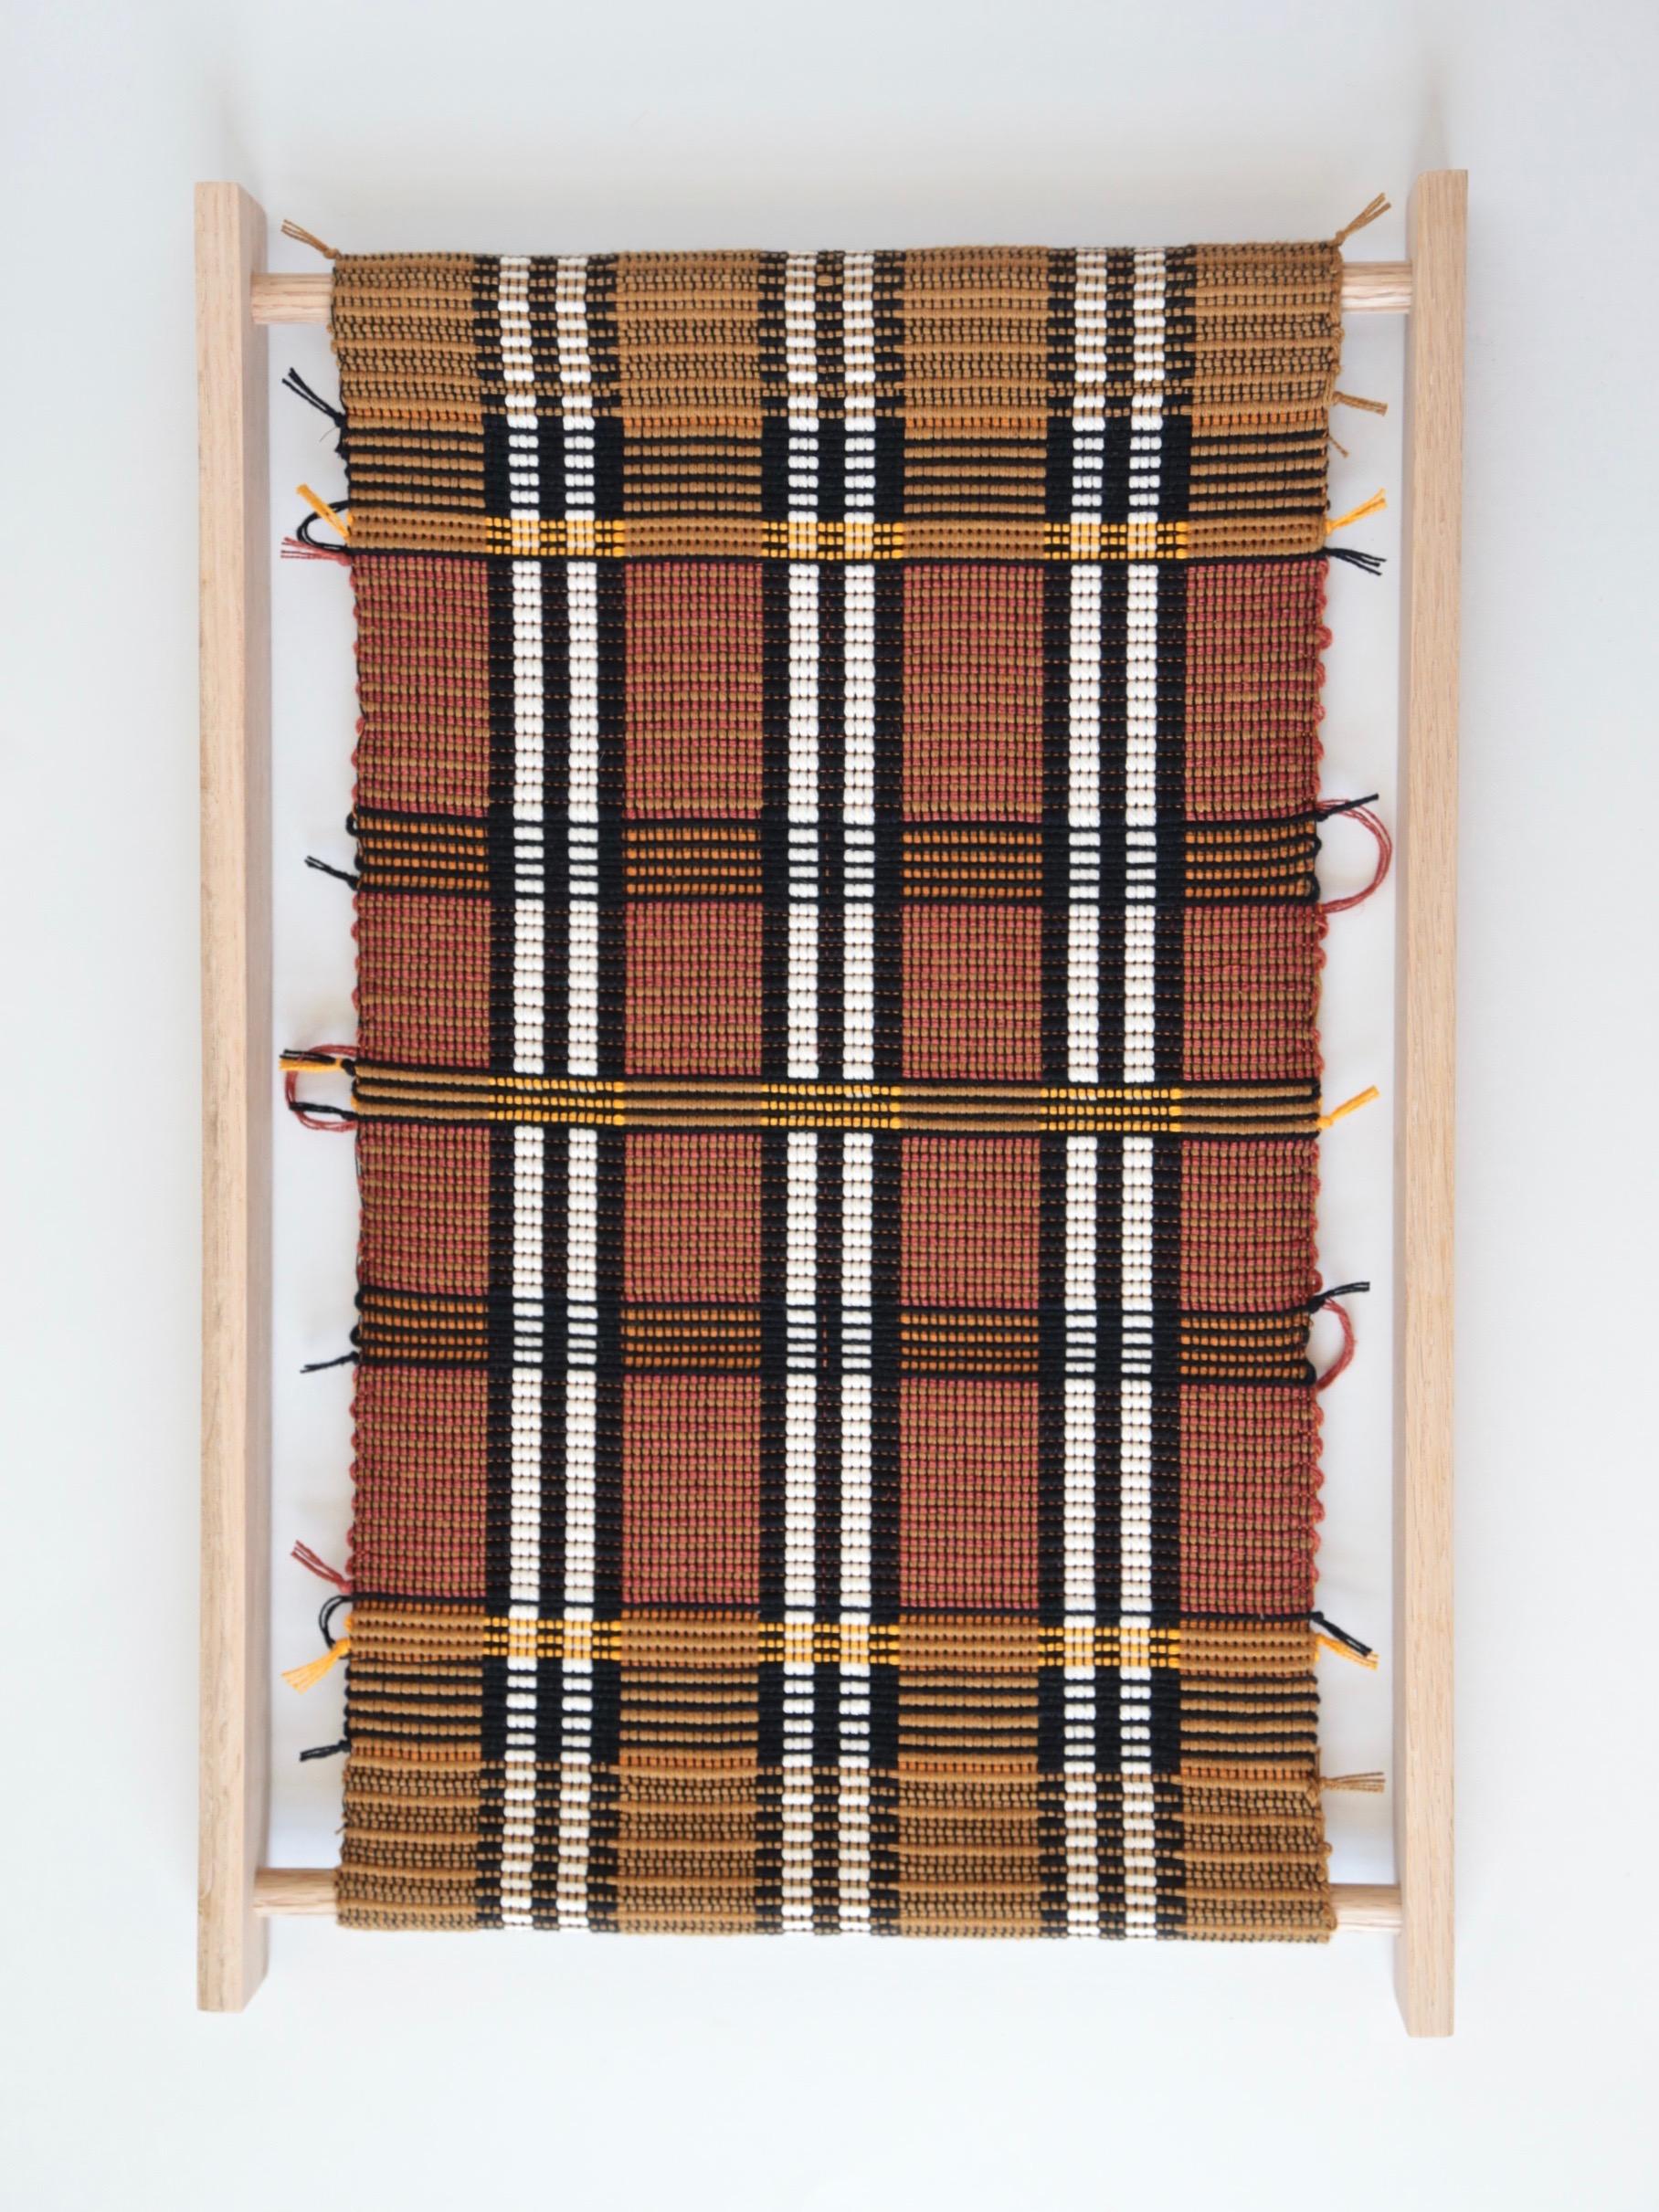 Juliette Lanvers    Dreaming of Mali III   hand-weaving, 19.5 x 13.5 in.